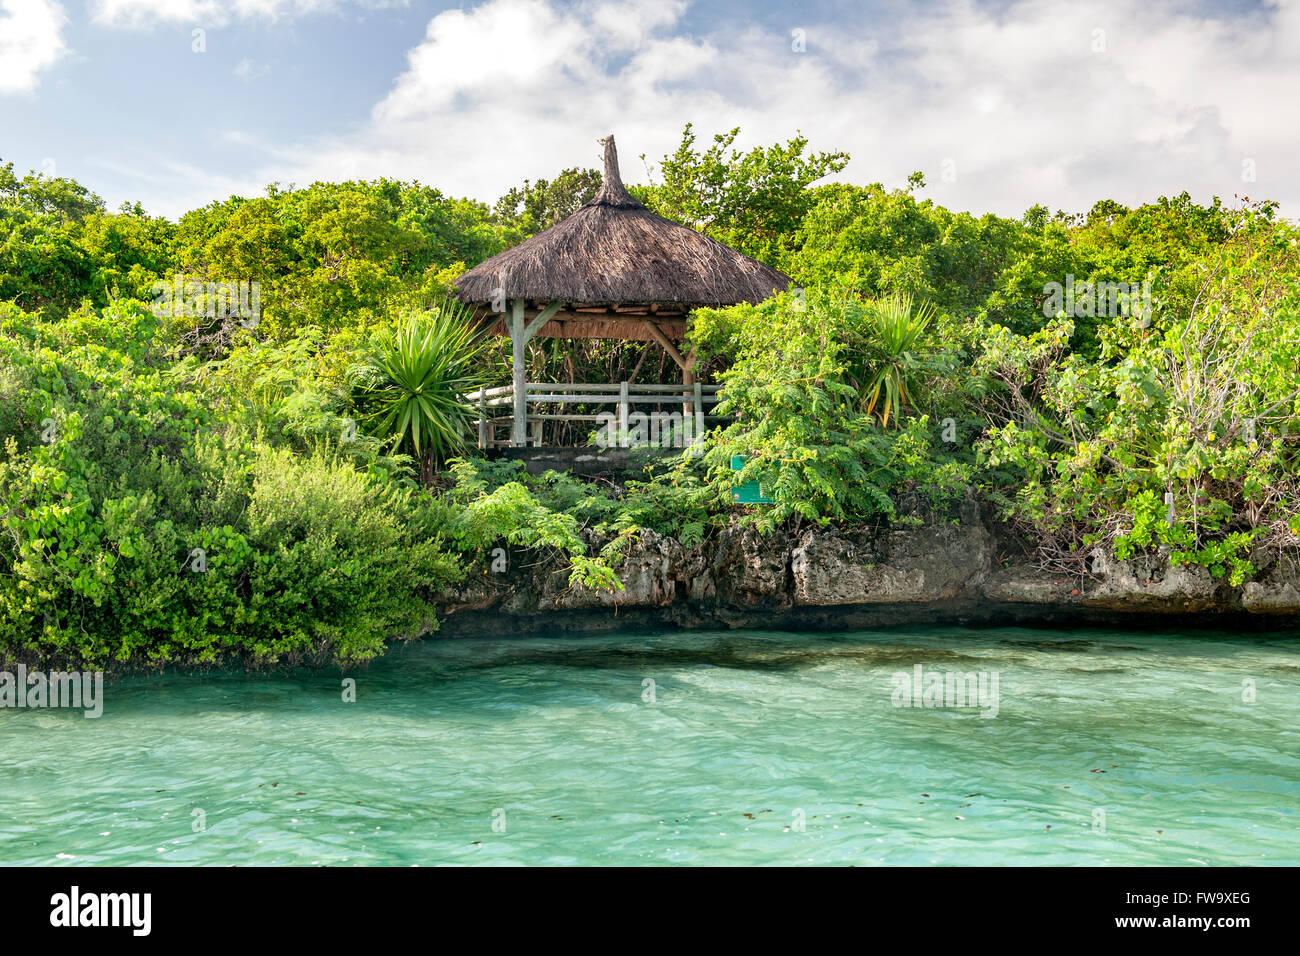 La linea di costa e verdeggiante vegetazione dell'isolotto di Ile aux egrette off costa sud est di Mauritius. Foto Stock